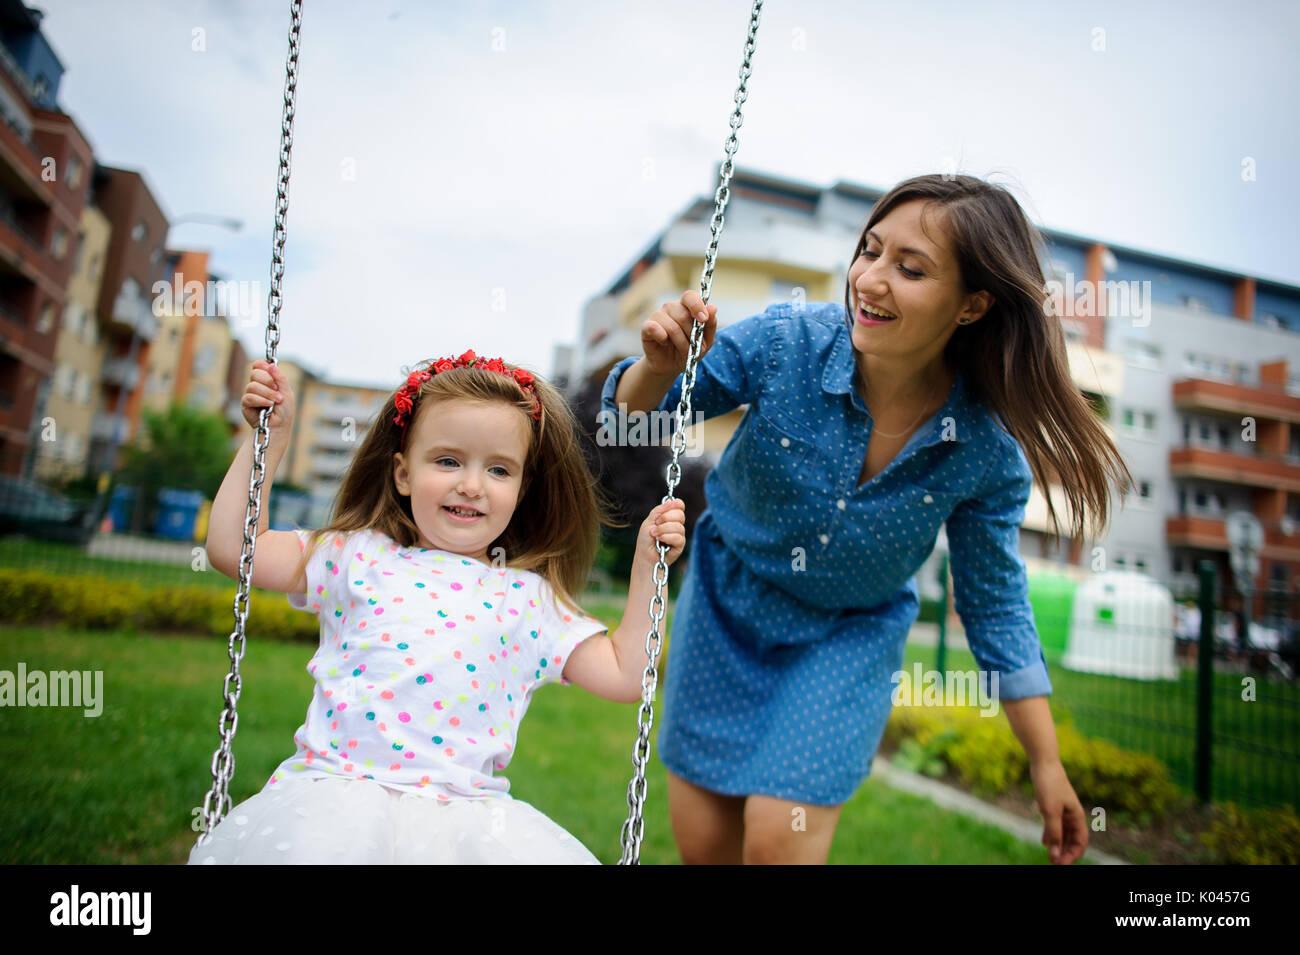 Jeune mère joue dans l'aire de jeux avec la petite fille. Femme secoue le bébé sur une balançoire. Cour de la ville. Serene journée d'été. Bonne humeur. Photo Stock